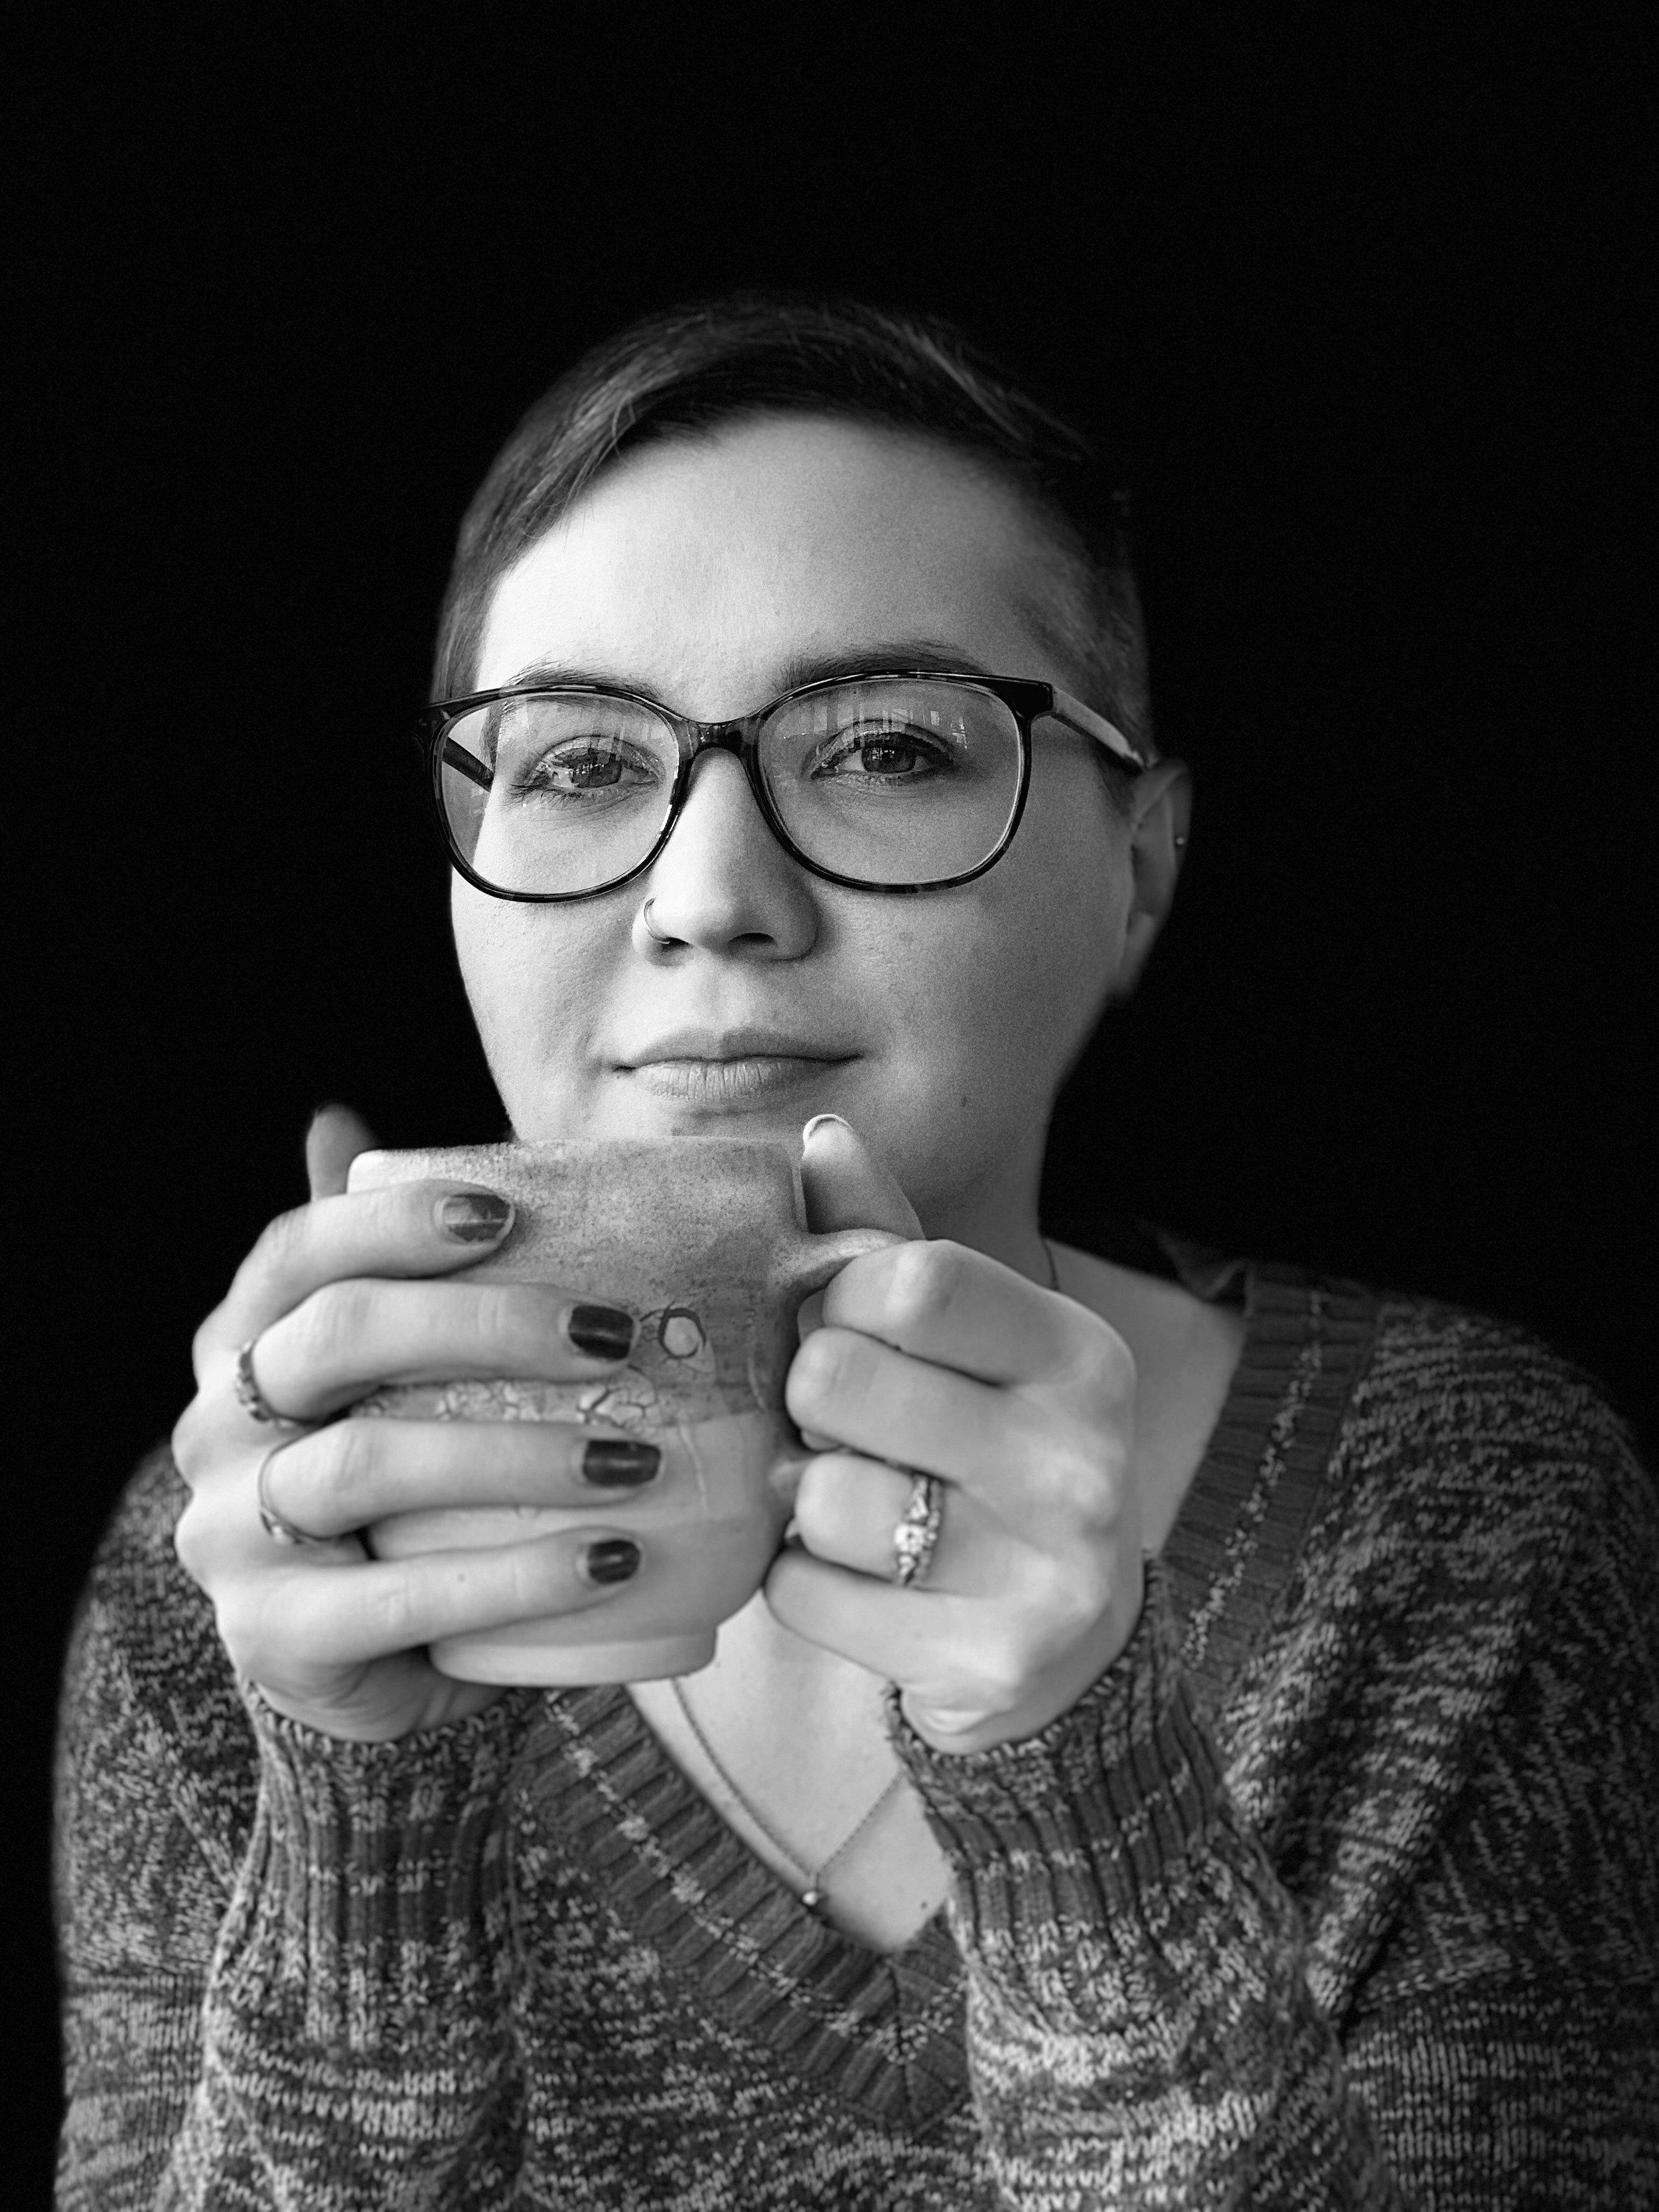 Sarah Tarkany